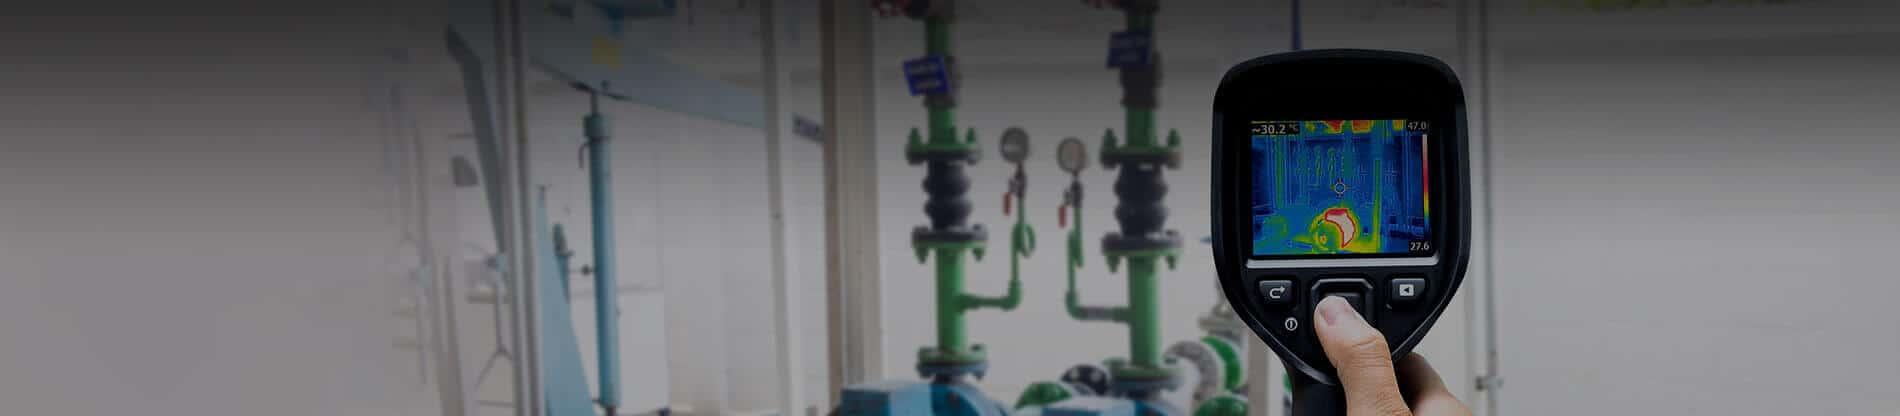 איתור נזילות מים בבניין משותף